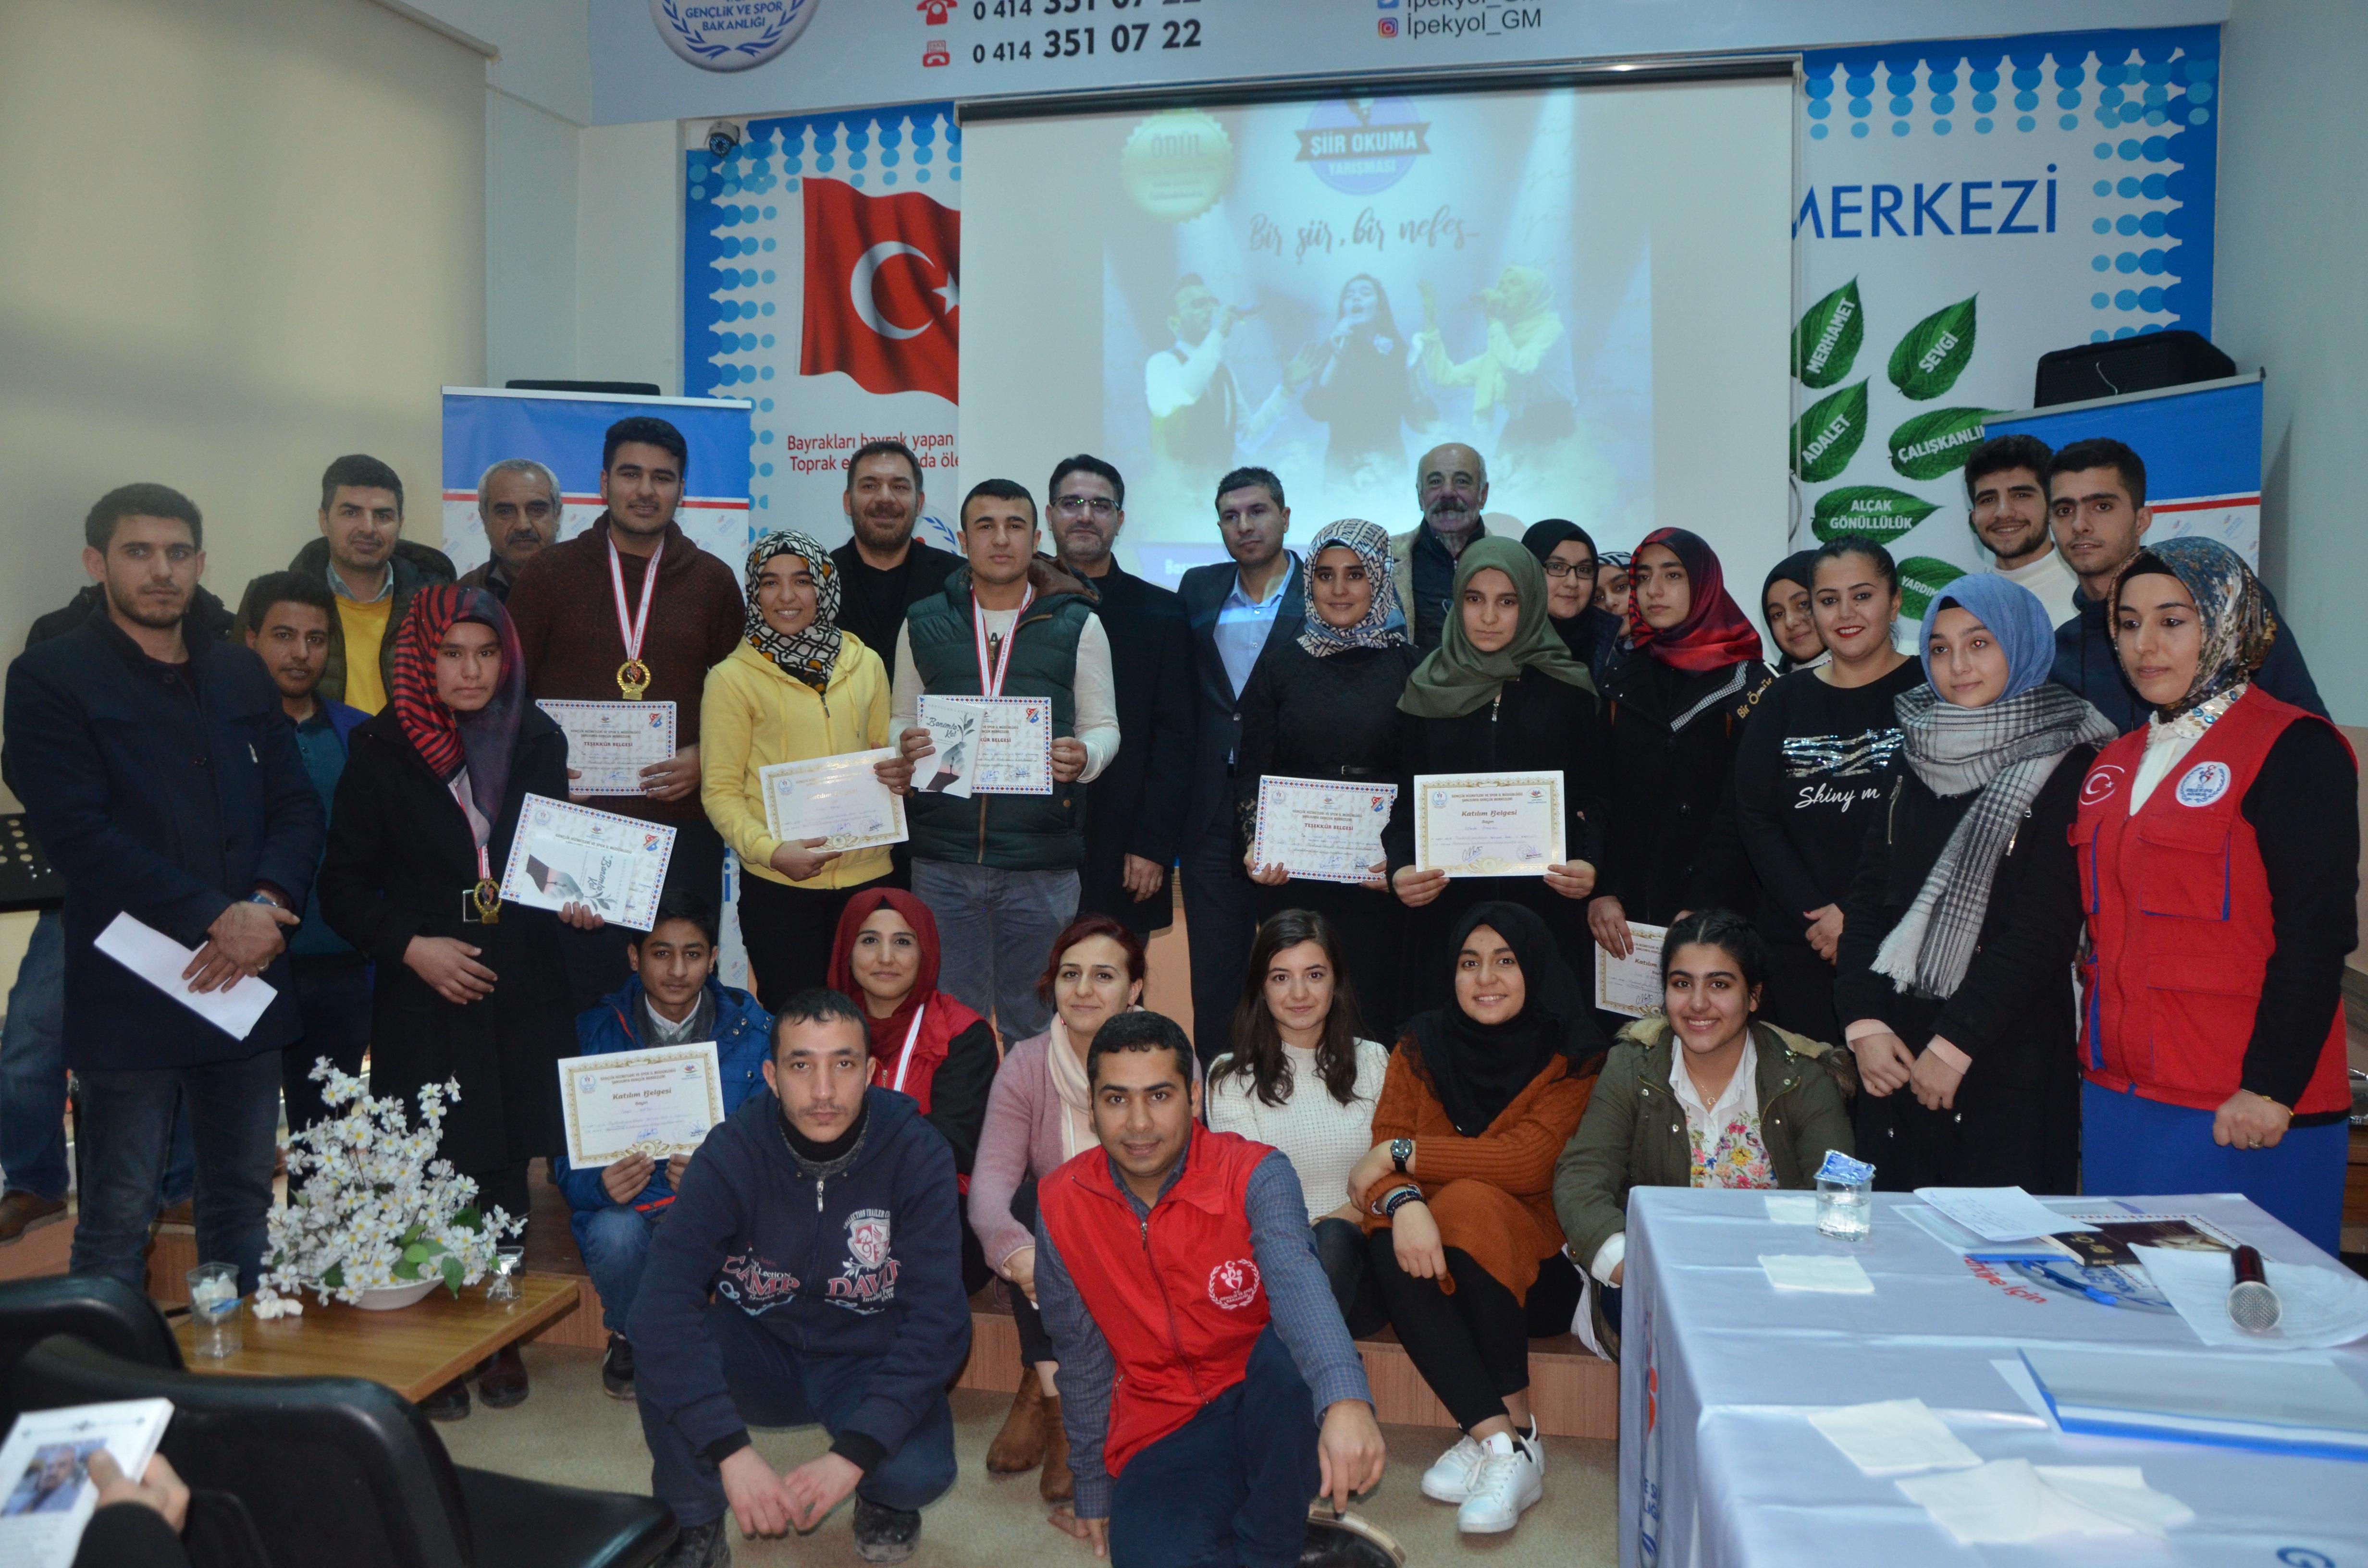 İpekyol Gençlik Merkezinde Gençlerarası Şiir Okuma Yarışması İl